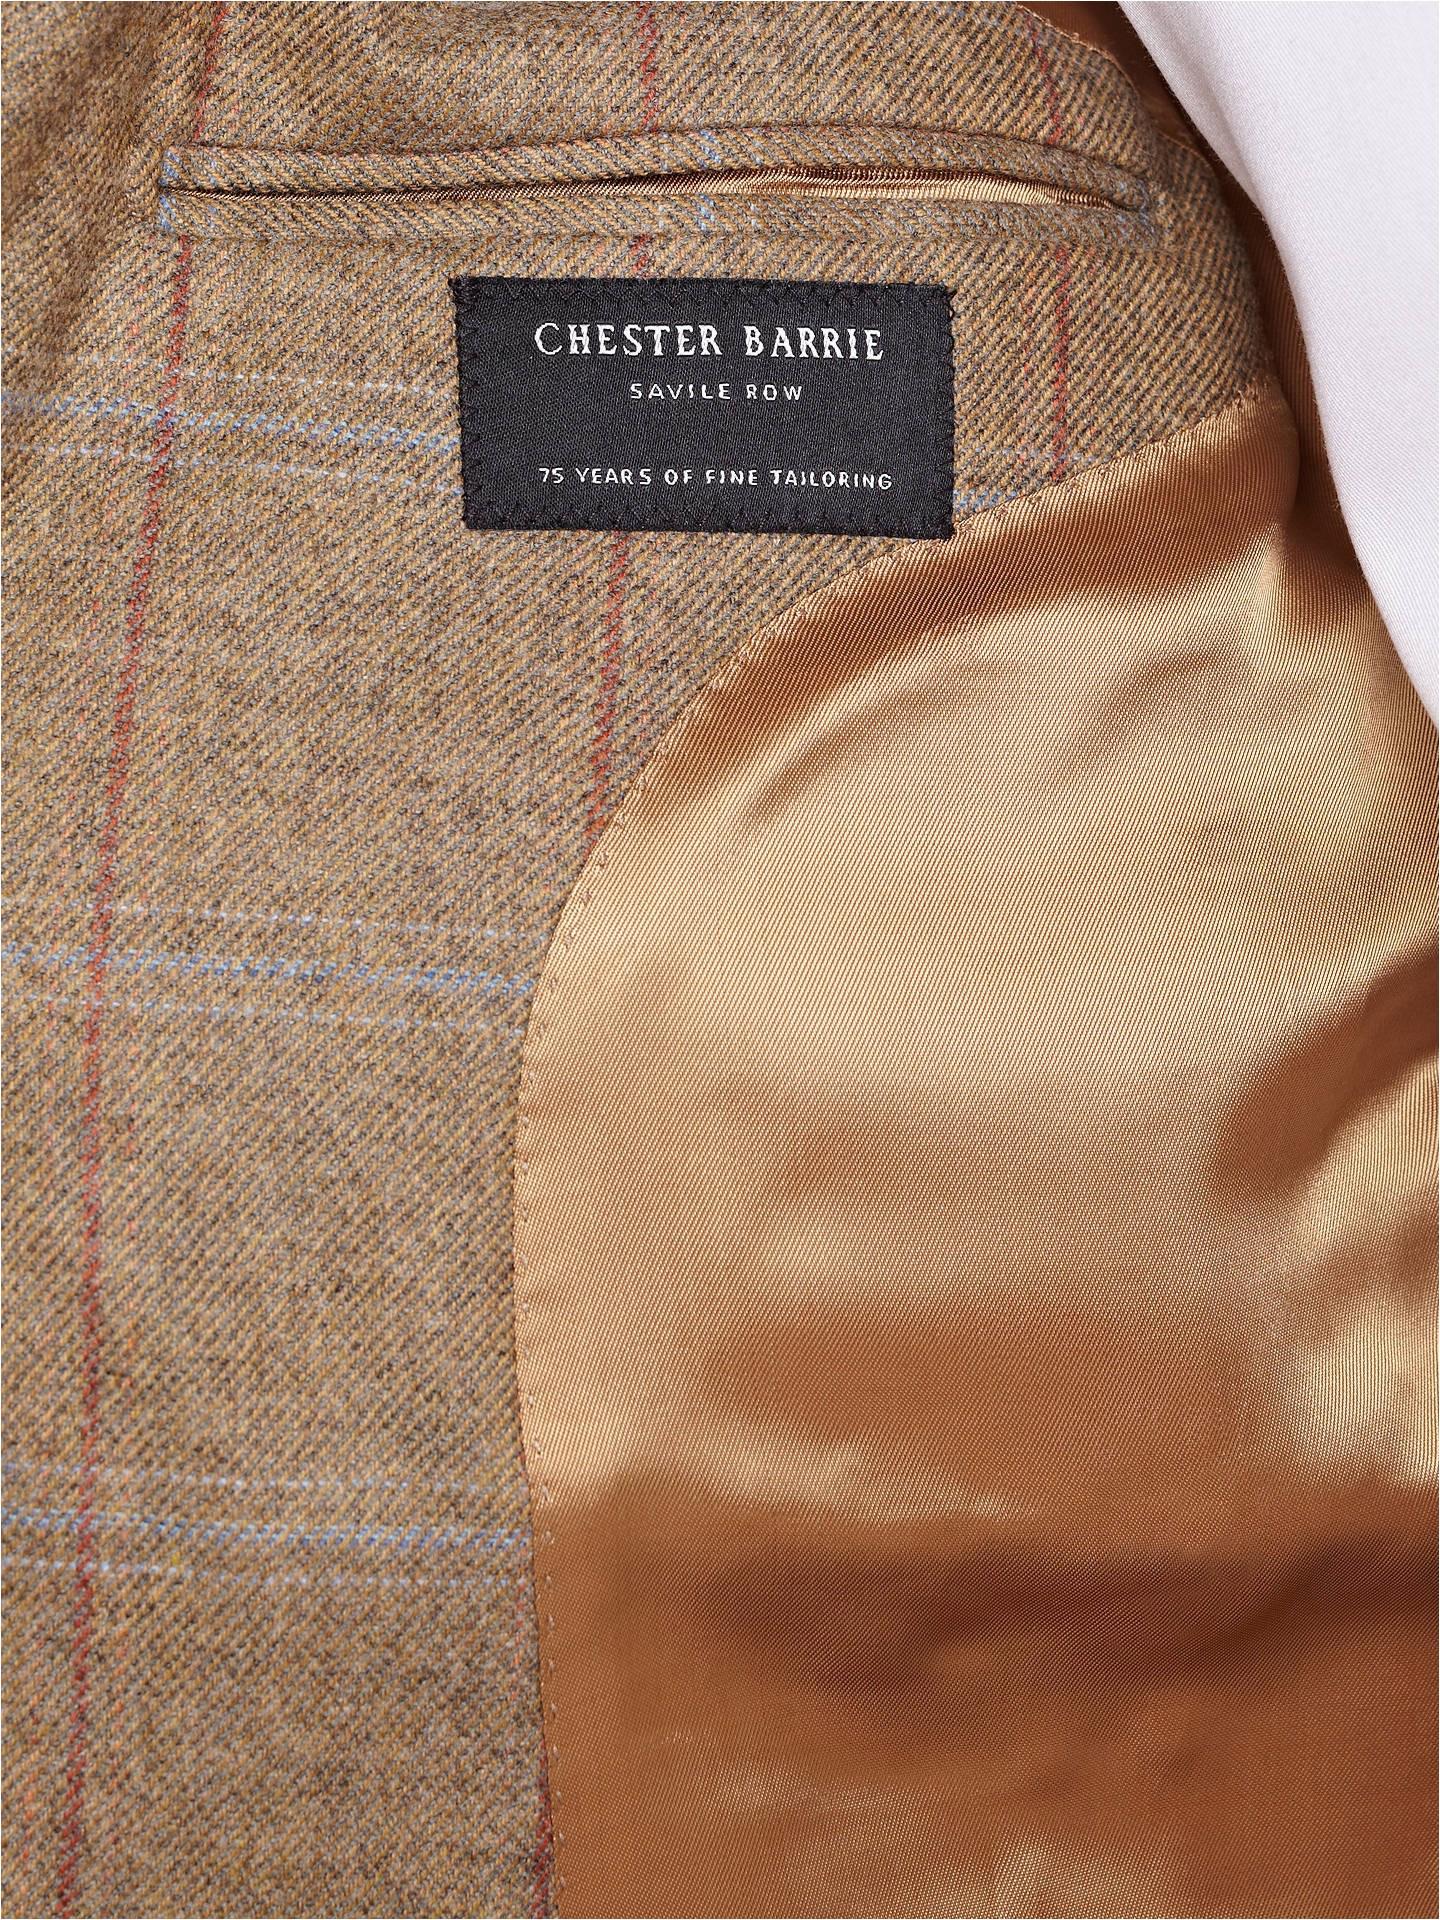 Savile Row Bath Rugs Chester Barrie Savile Row Overcheck Jacket